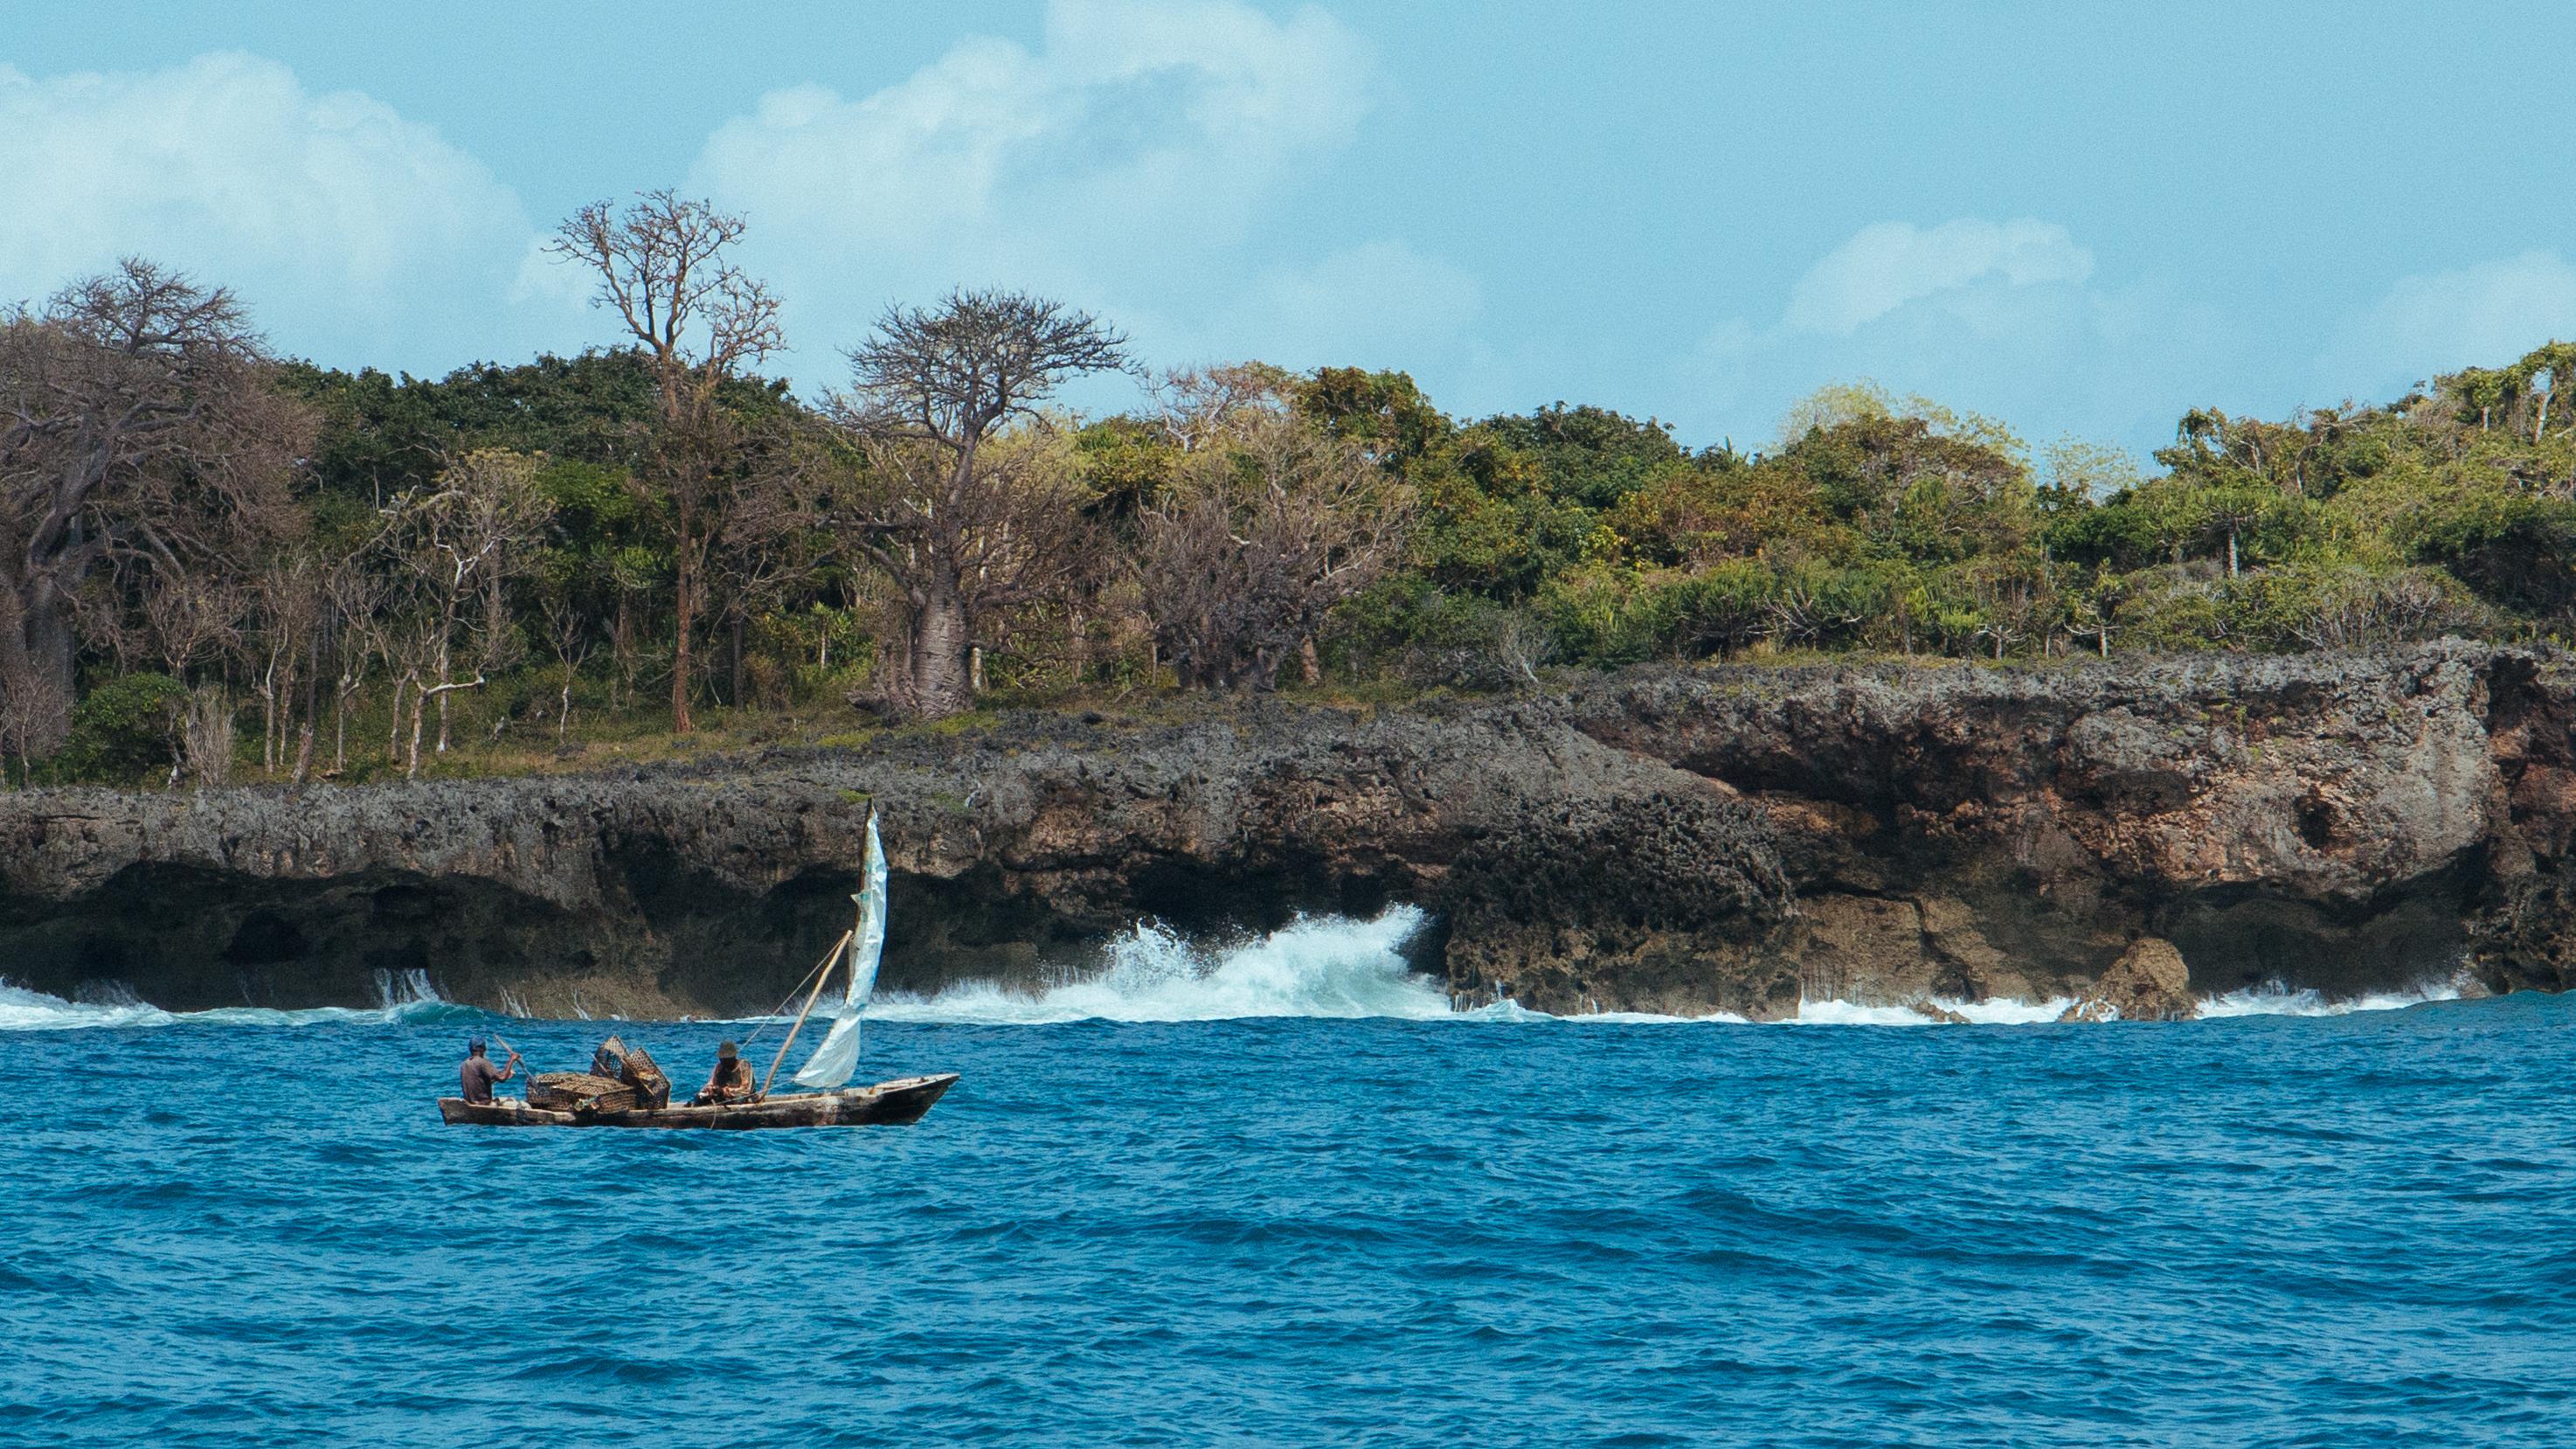 Wasini Island Pictures File:wasini Island Fishermen